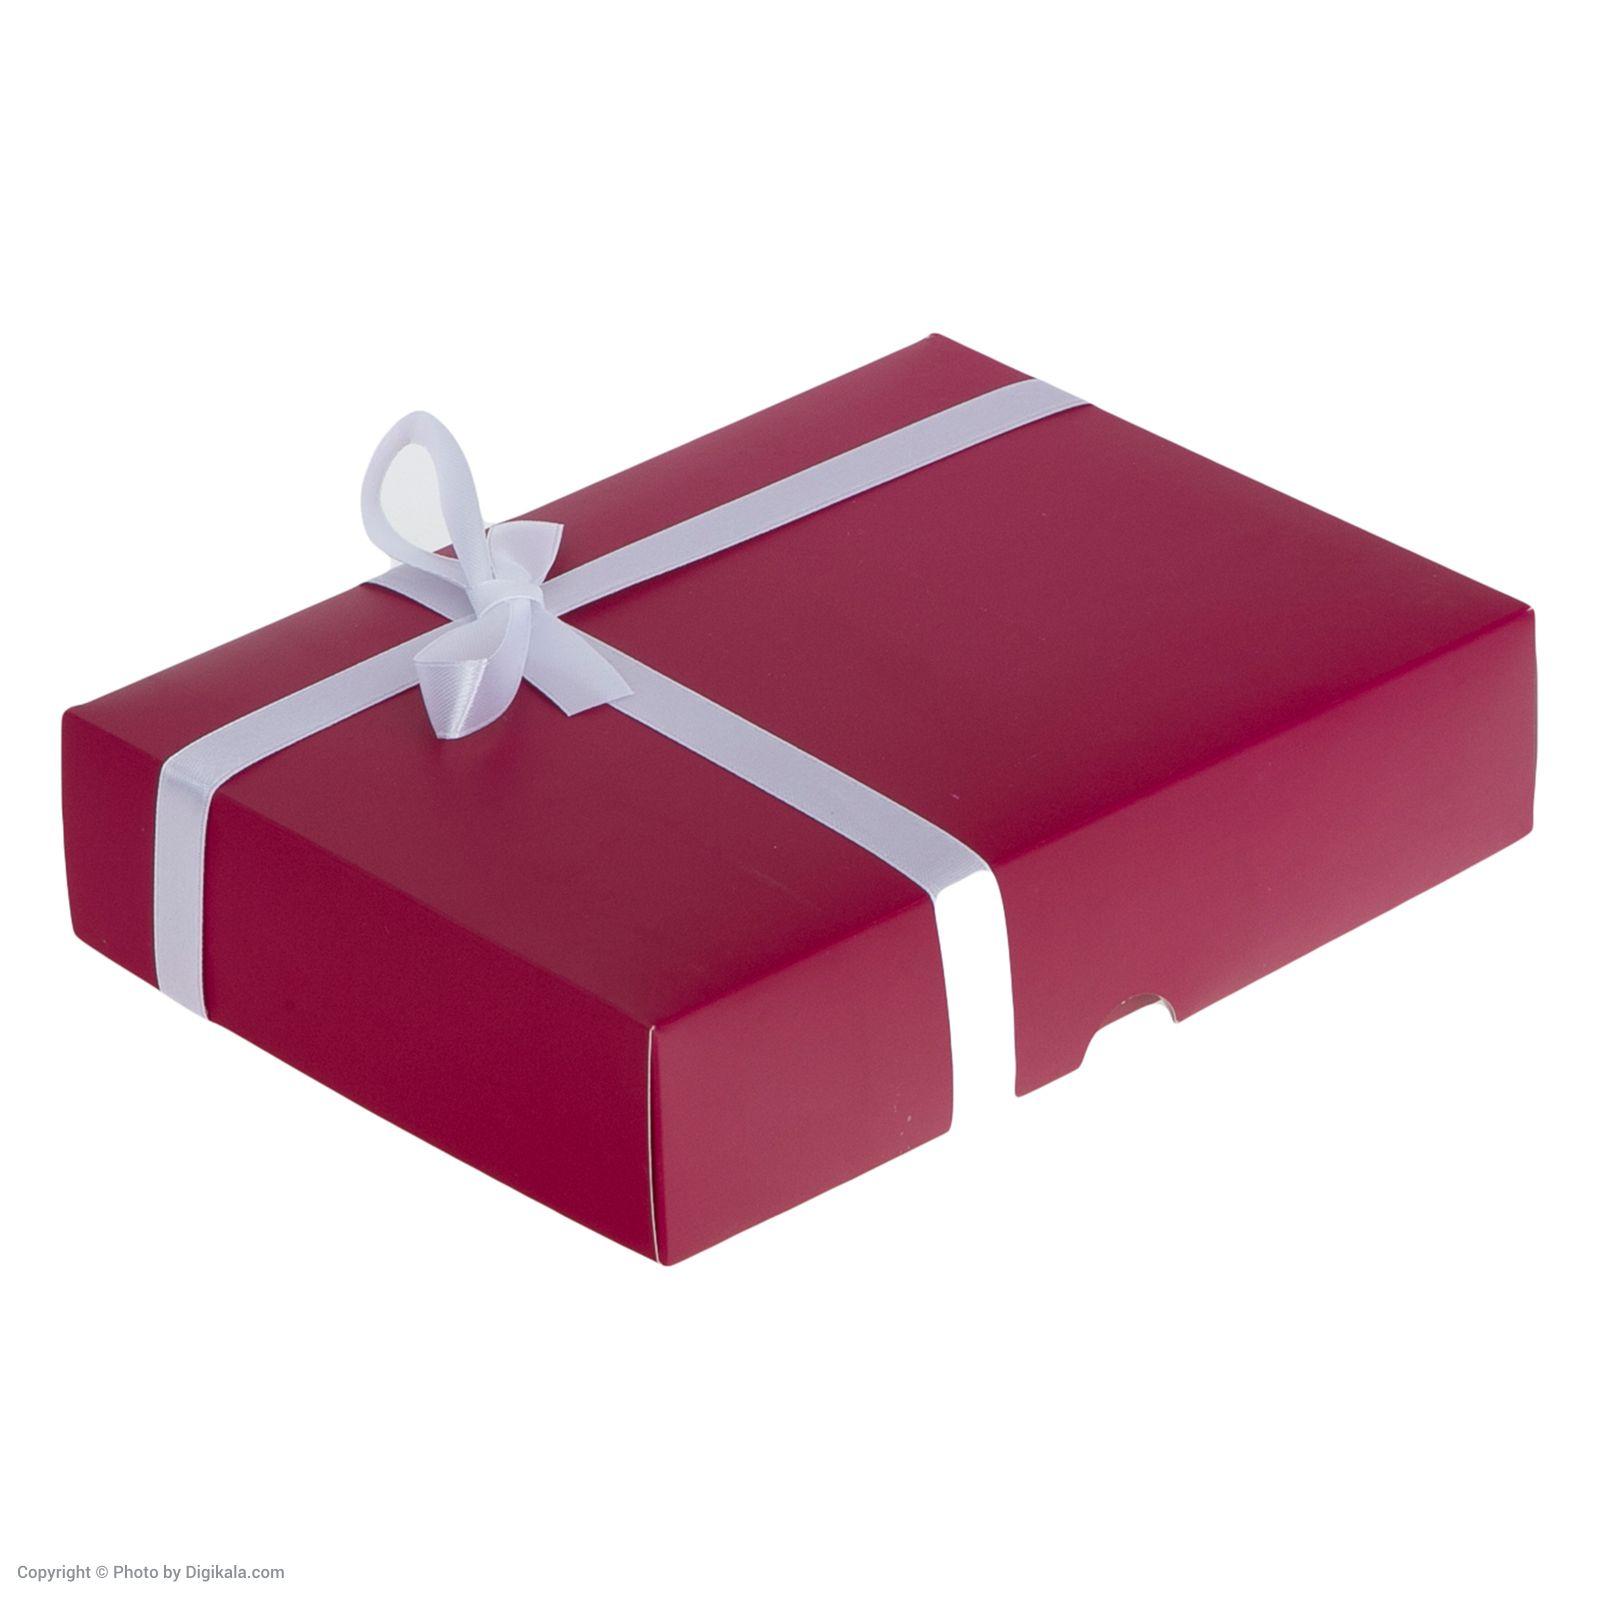 جعبه کارت هدیه دیجی کالا مدل 03 main 1 1